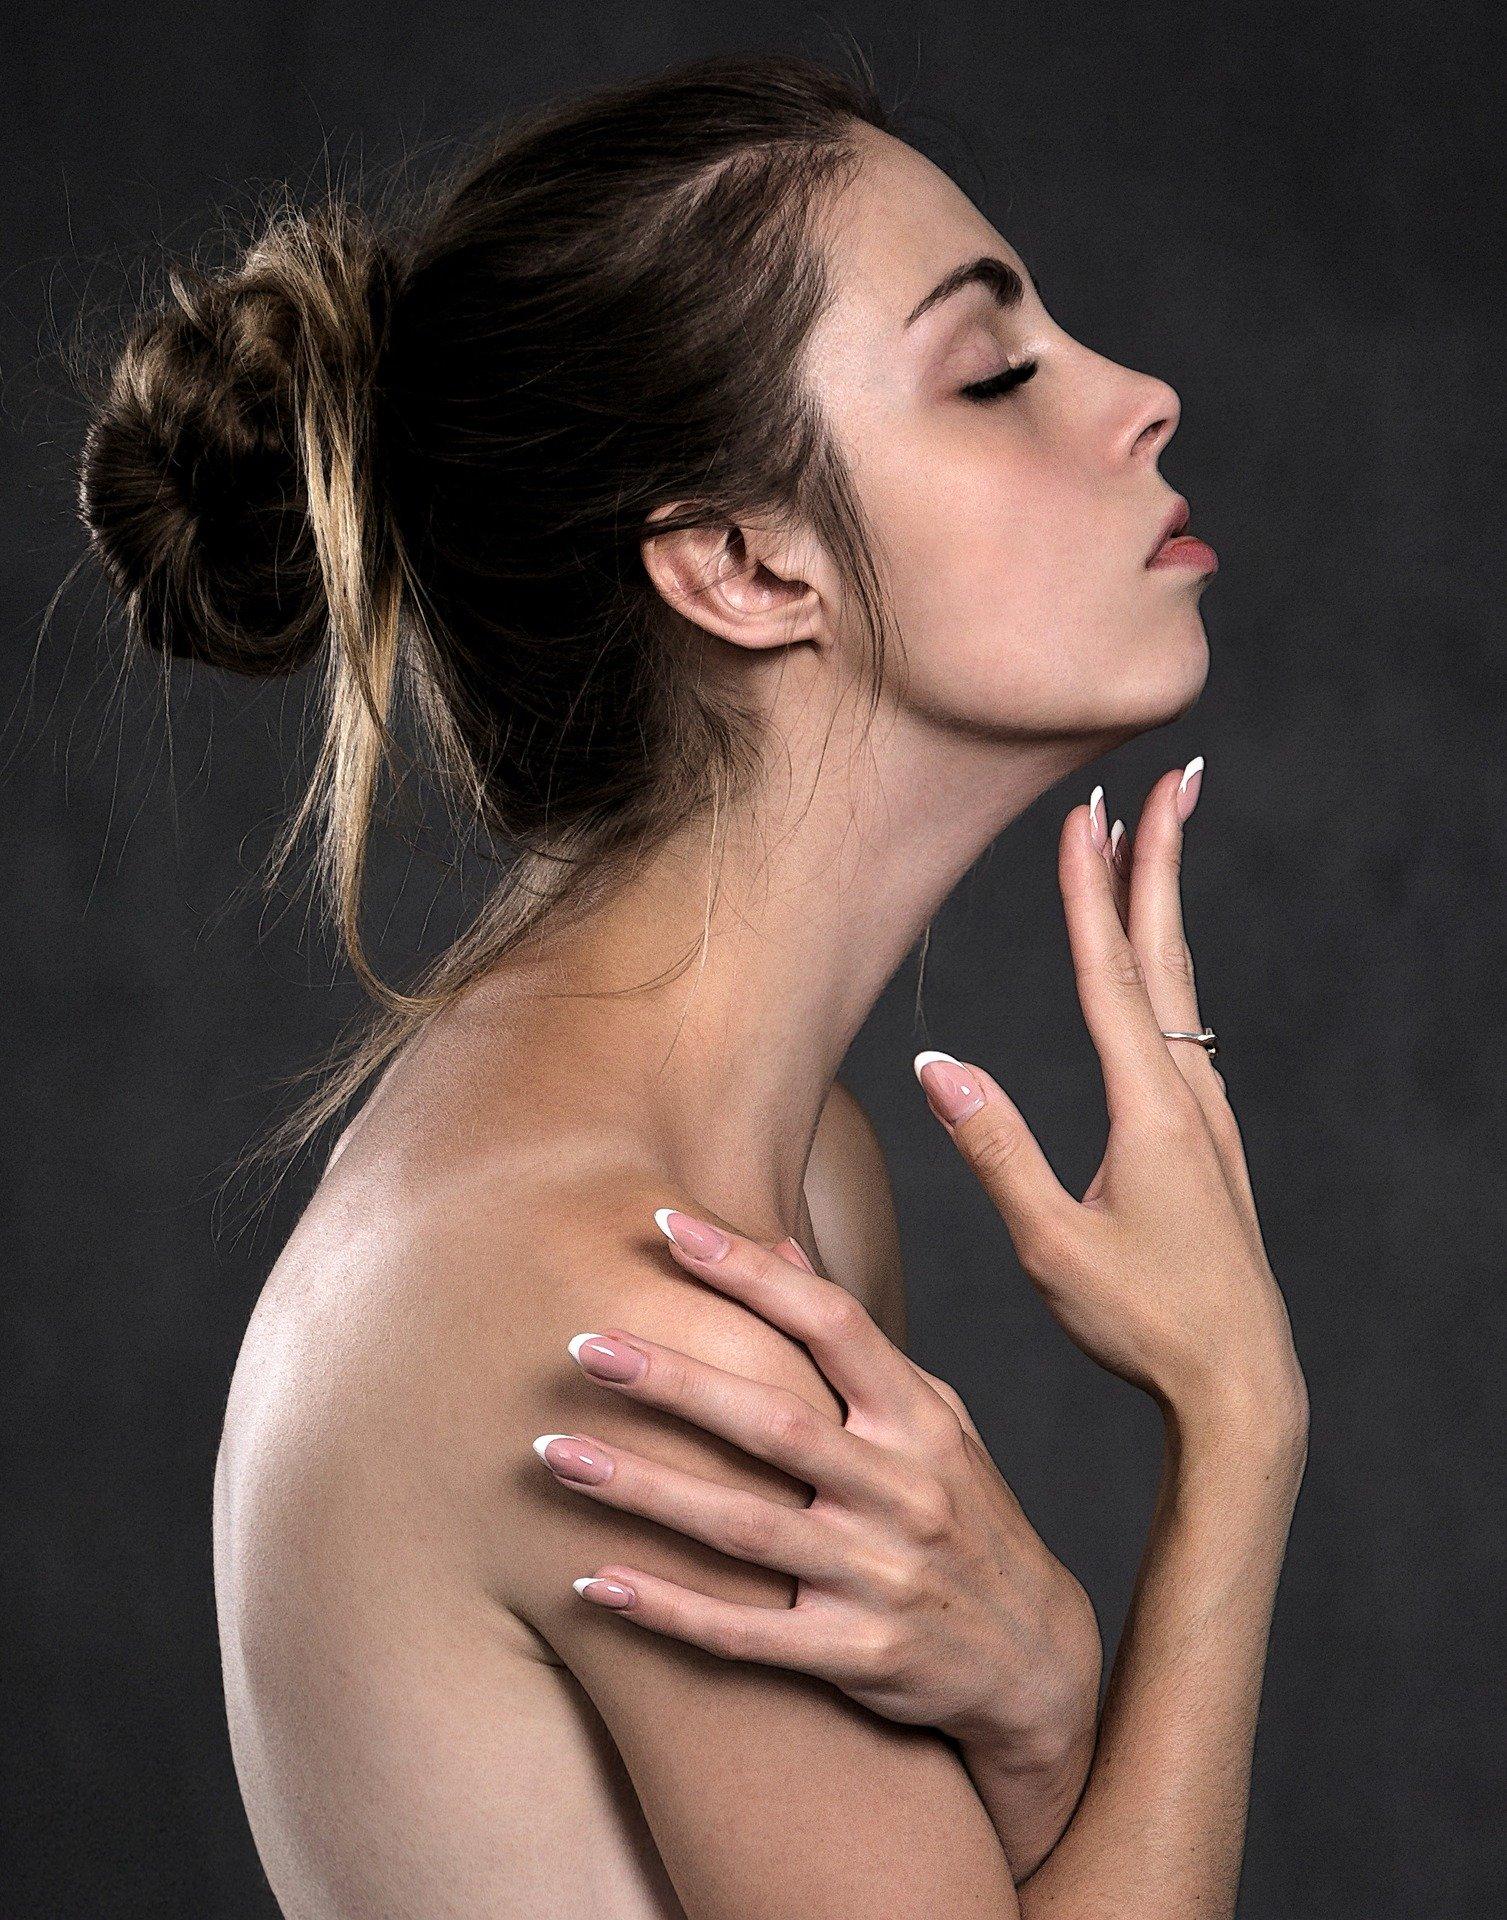 Tiroide: cause,diagnosi precoce e come comportarsi. La parola all'esperto